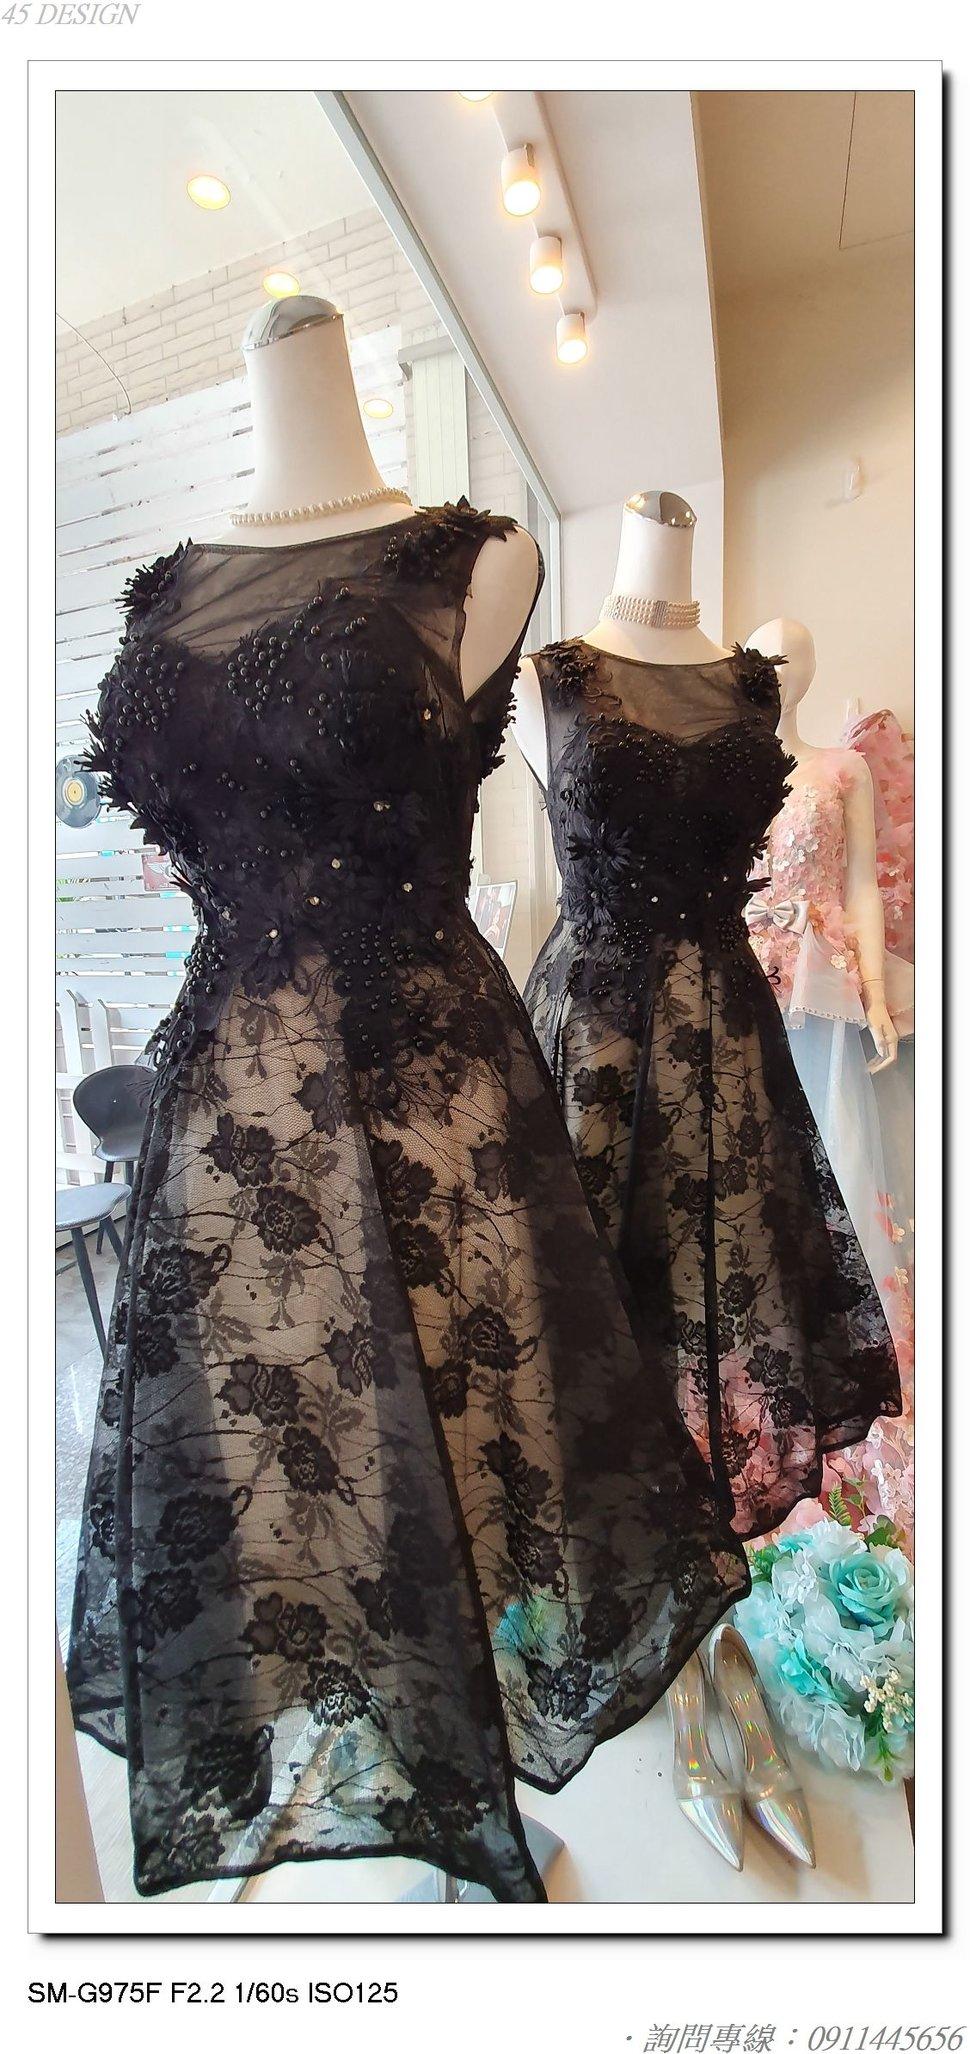 20200209_102615 - 全台最便宜-45DESIGN四五婚紗禮服《結婚吧》